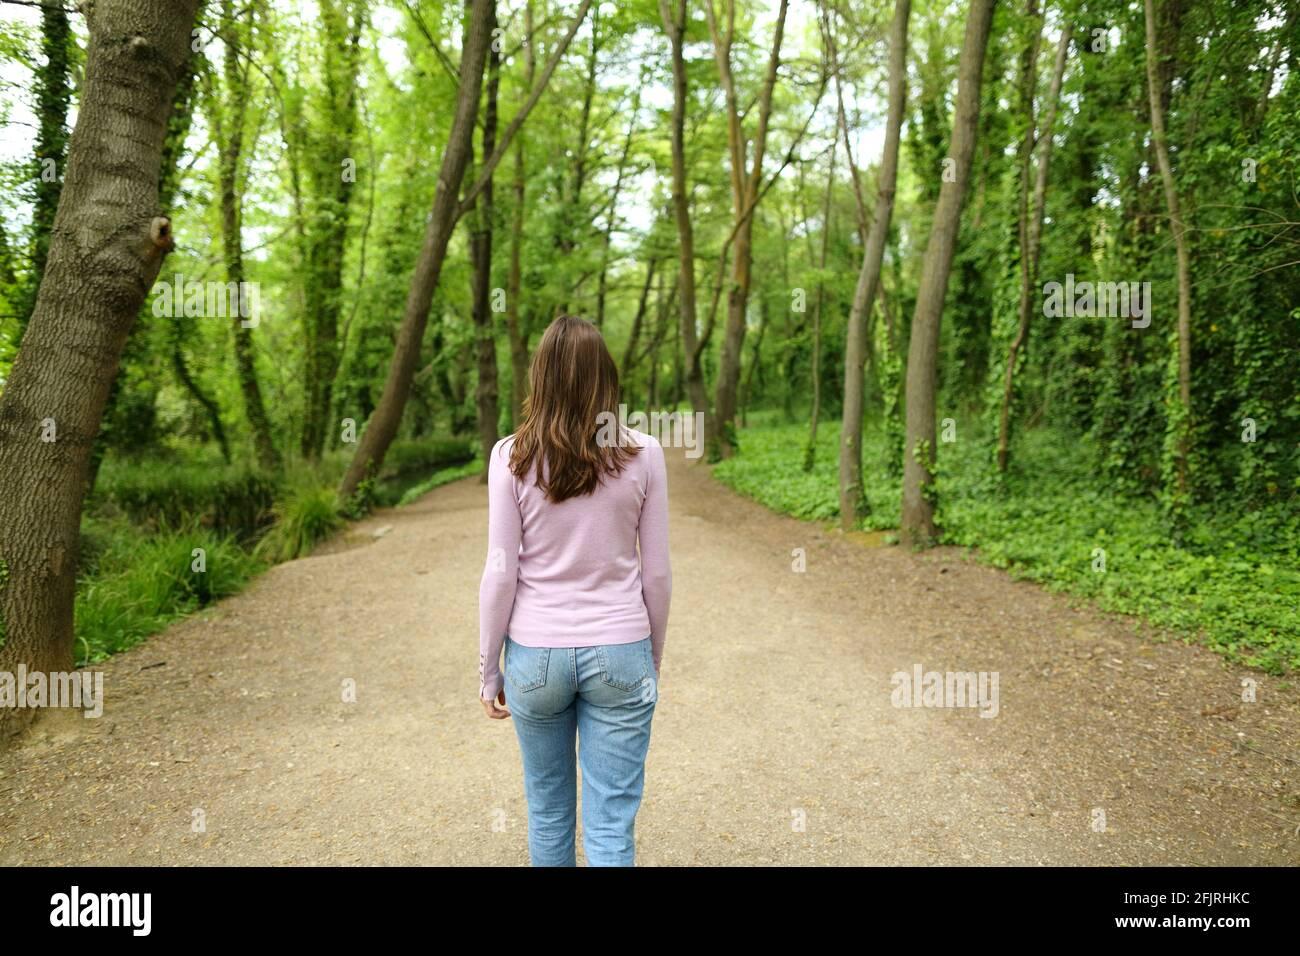 Vue arrière portrait d'une femme décontractée marchant dans un chemin forestier Banque D'Images